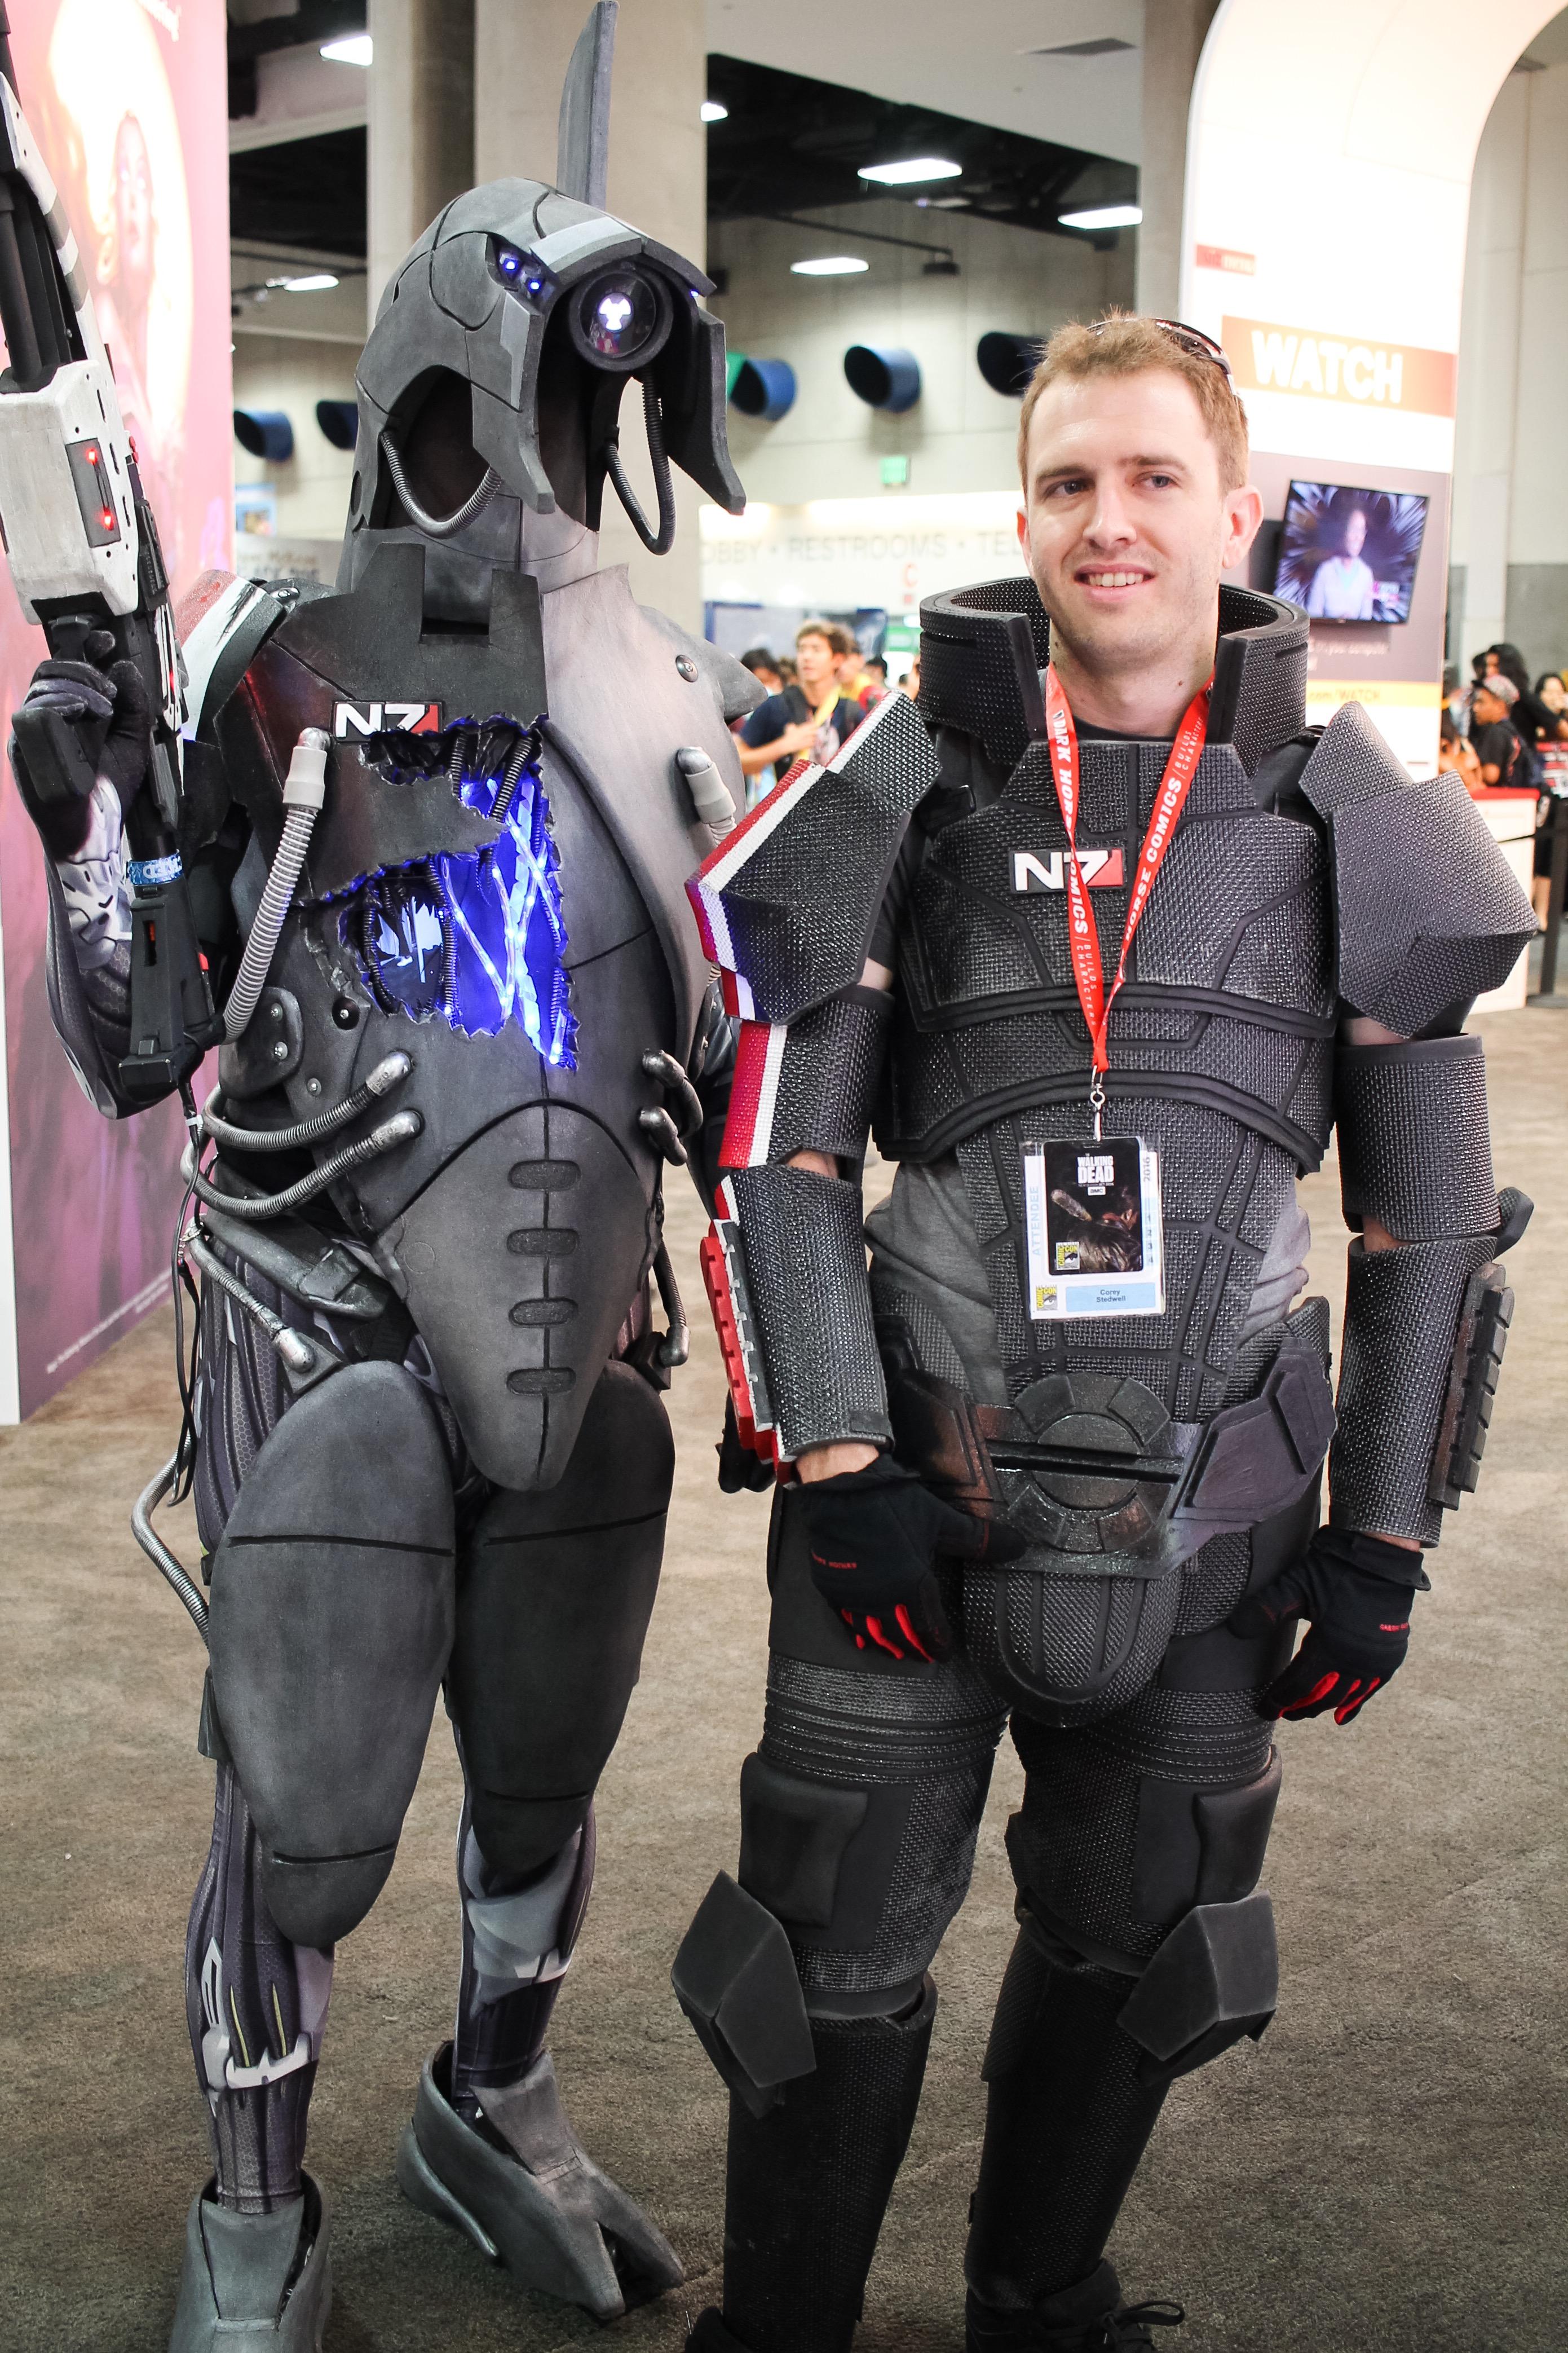 Mass Effect?